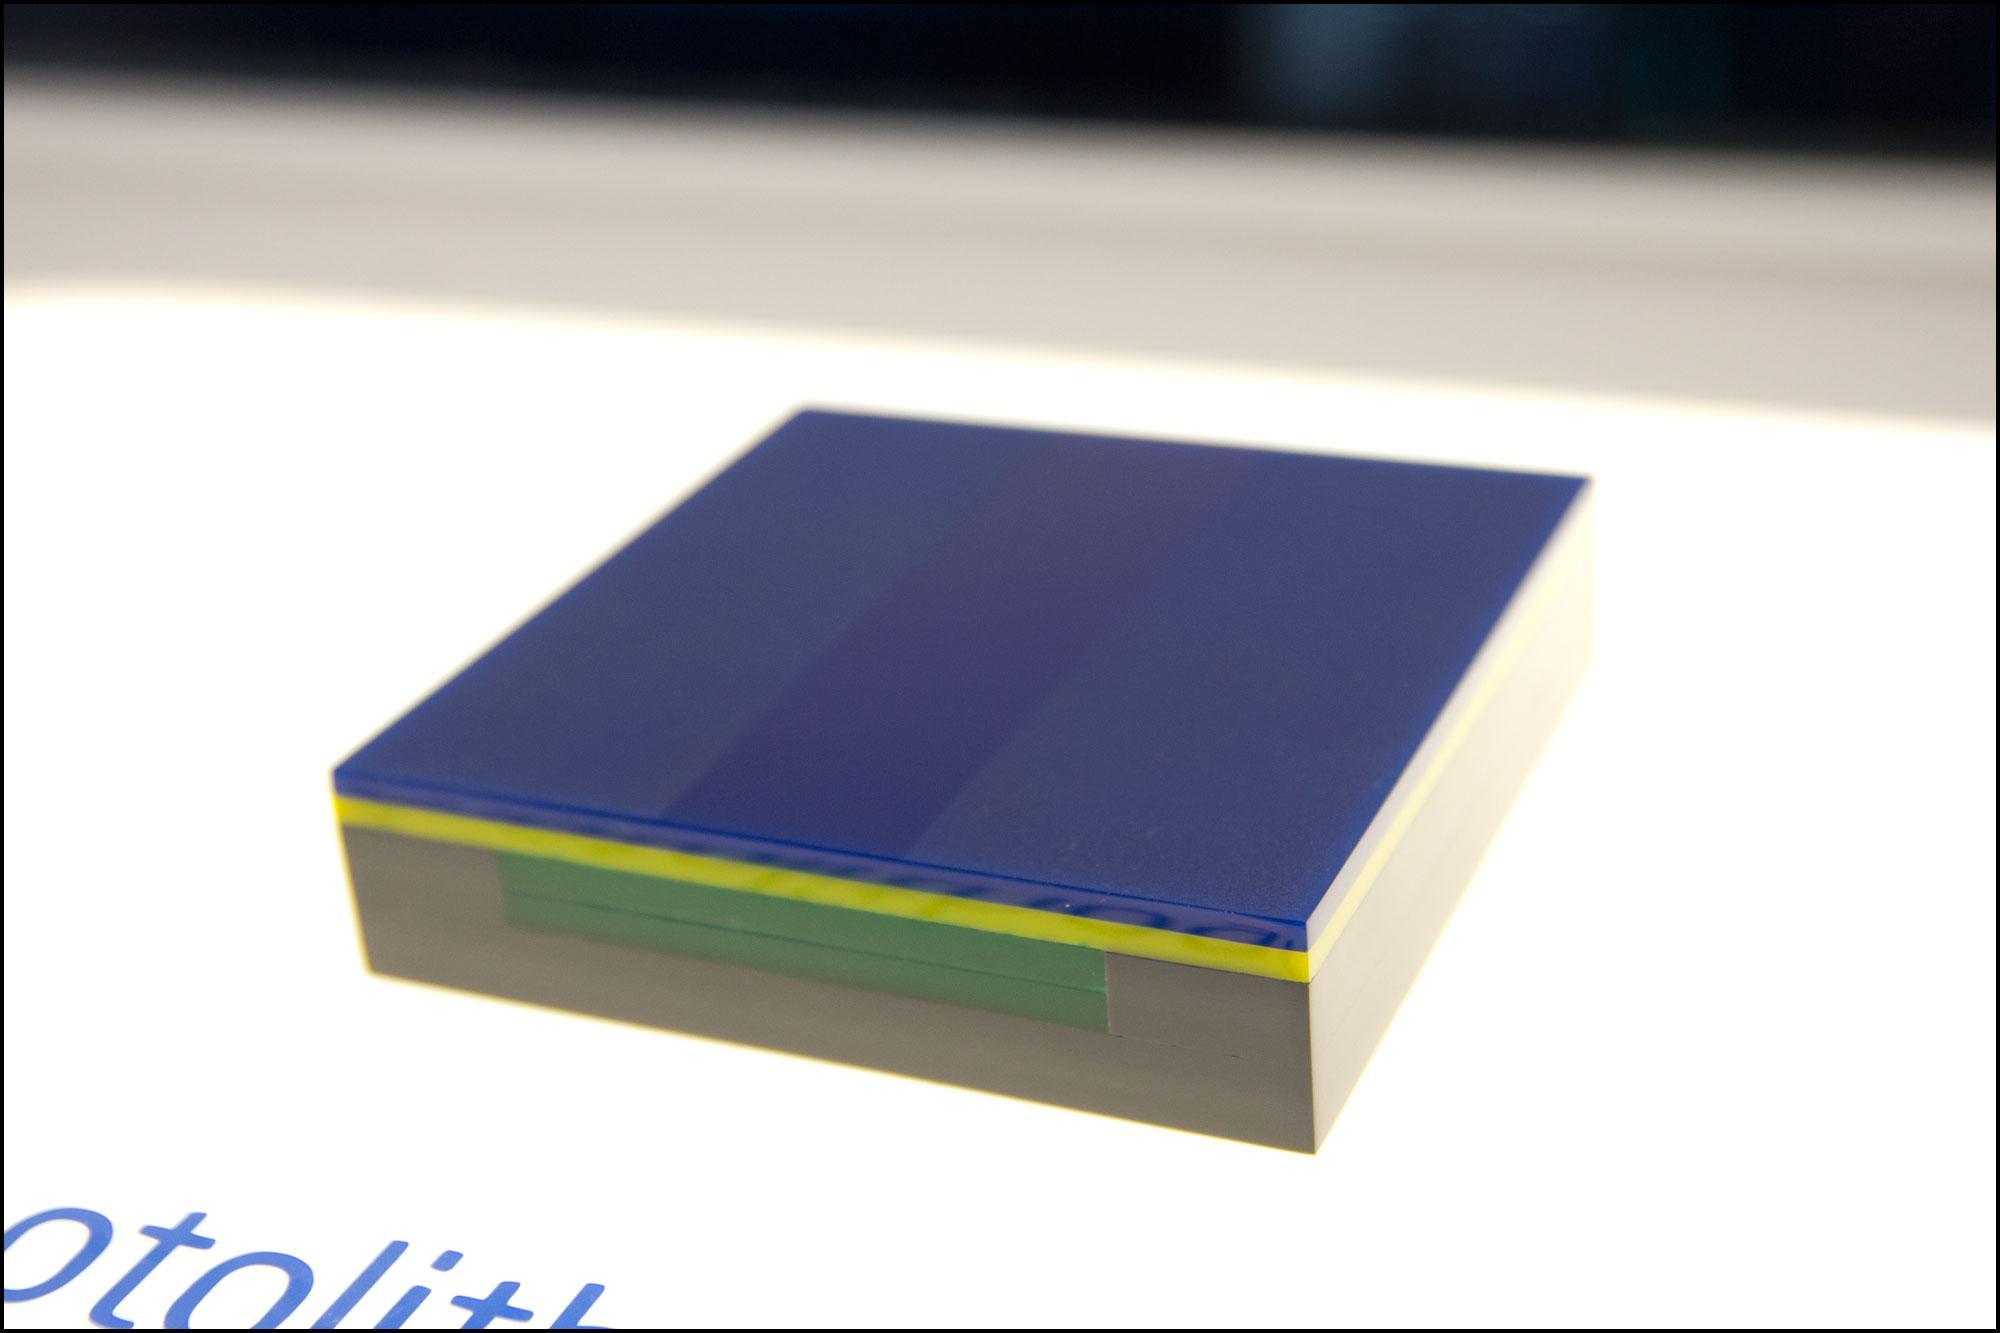 Utsnitt av det som skal bli en enkel transistor. Det grå laget nederst er silisiumet, mens det blå laget er det lyssensitive materialet.Foto: Jørgen Elton Nilsen, Hardware.no